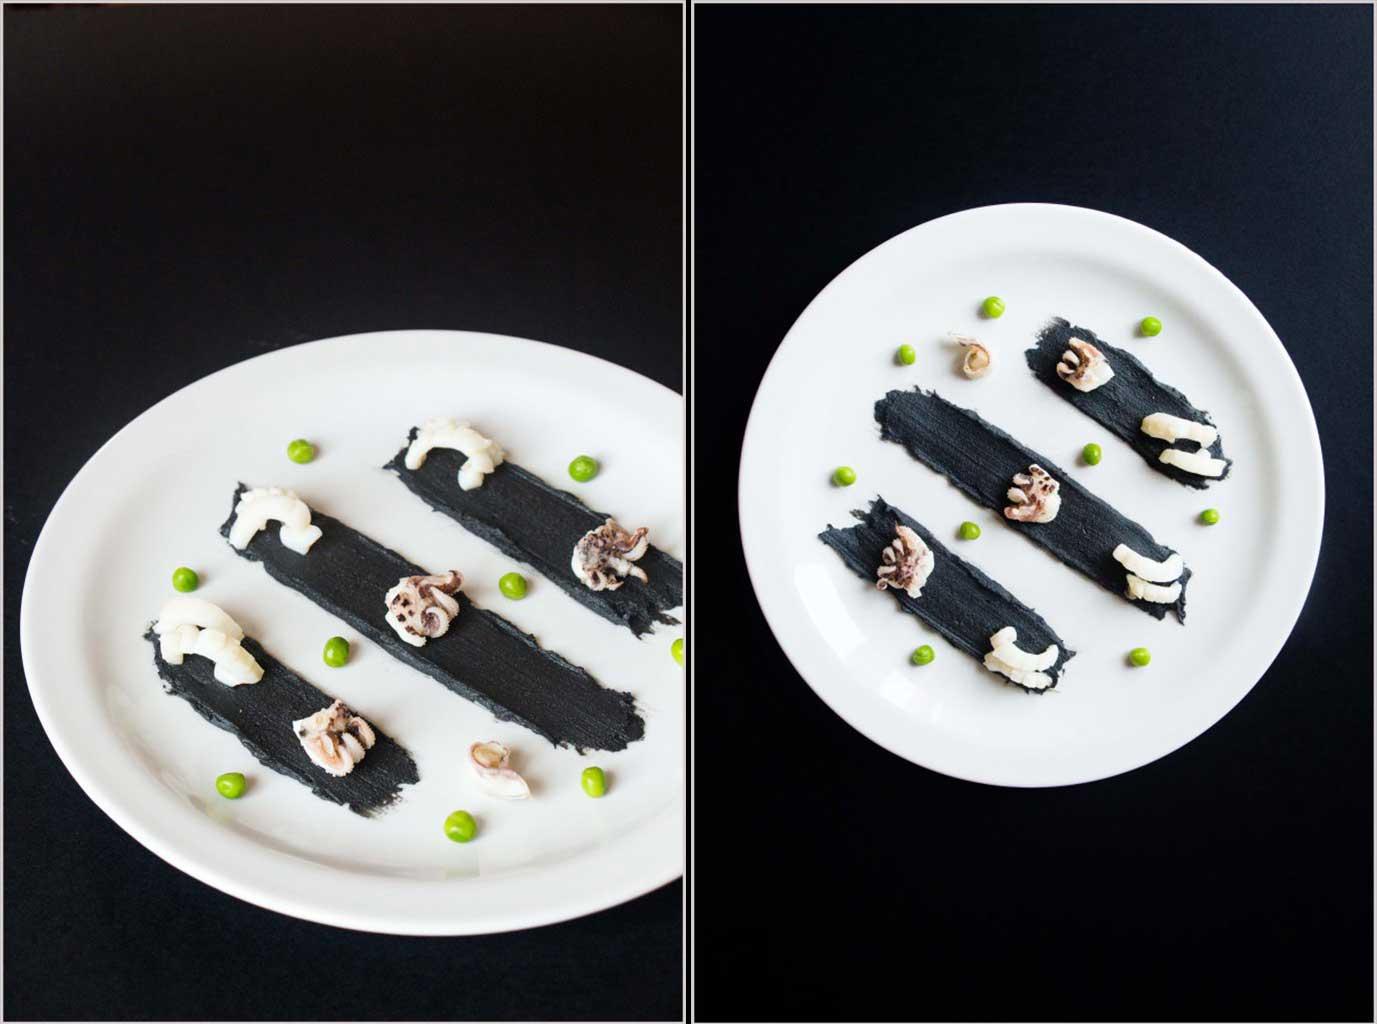 Impiattamento per contest Taste&More realizzato dalla food blogger Alice Del Re del blog Pane Libri e Nuvole